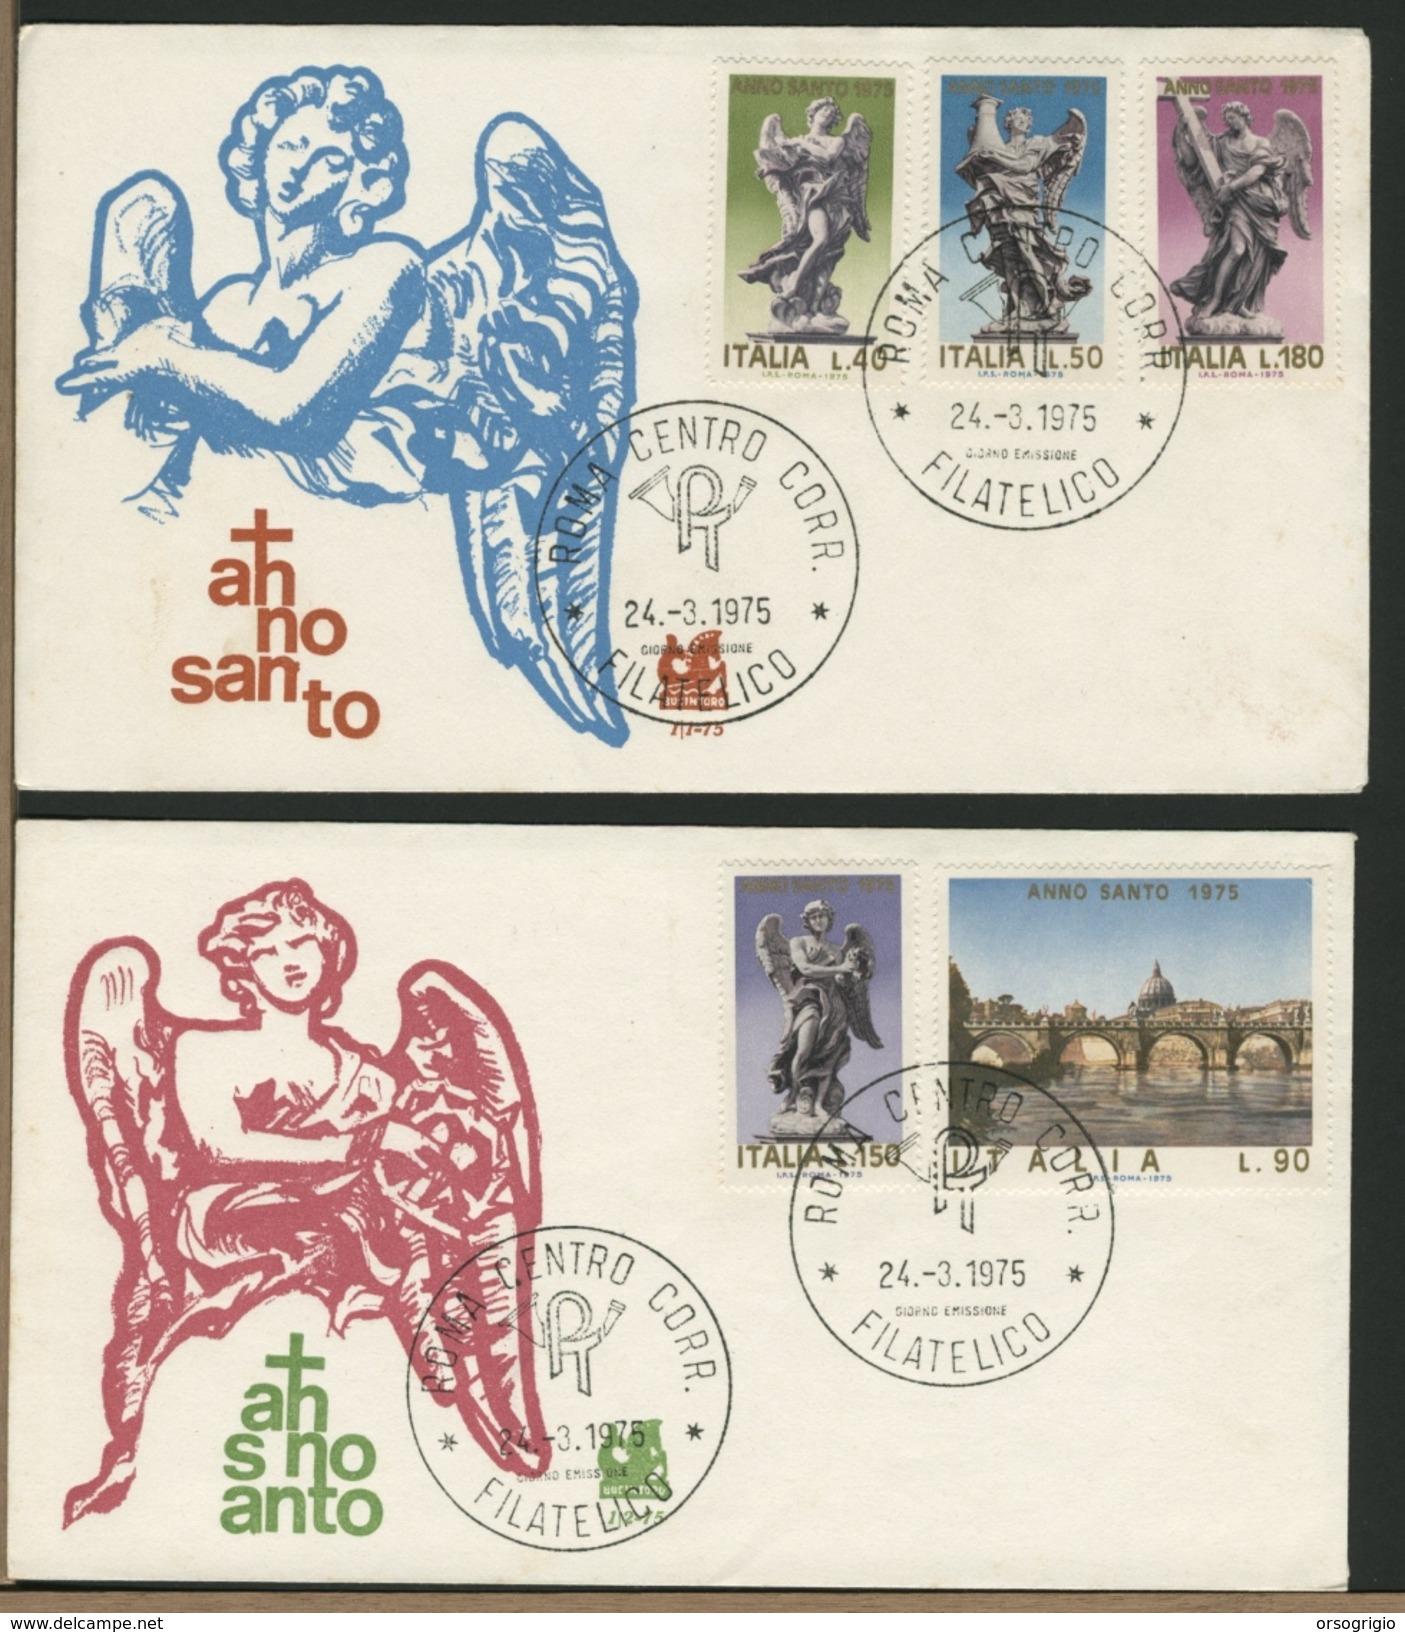 ITALIA - FDC -  ANNO  SANTO  1975 - FDC